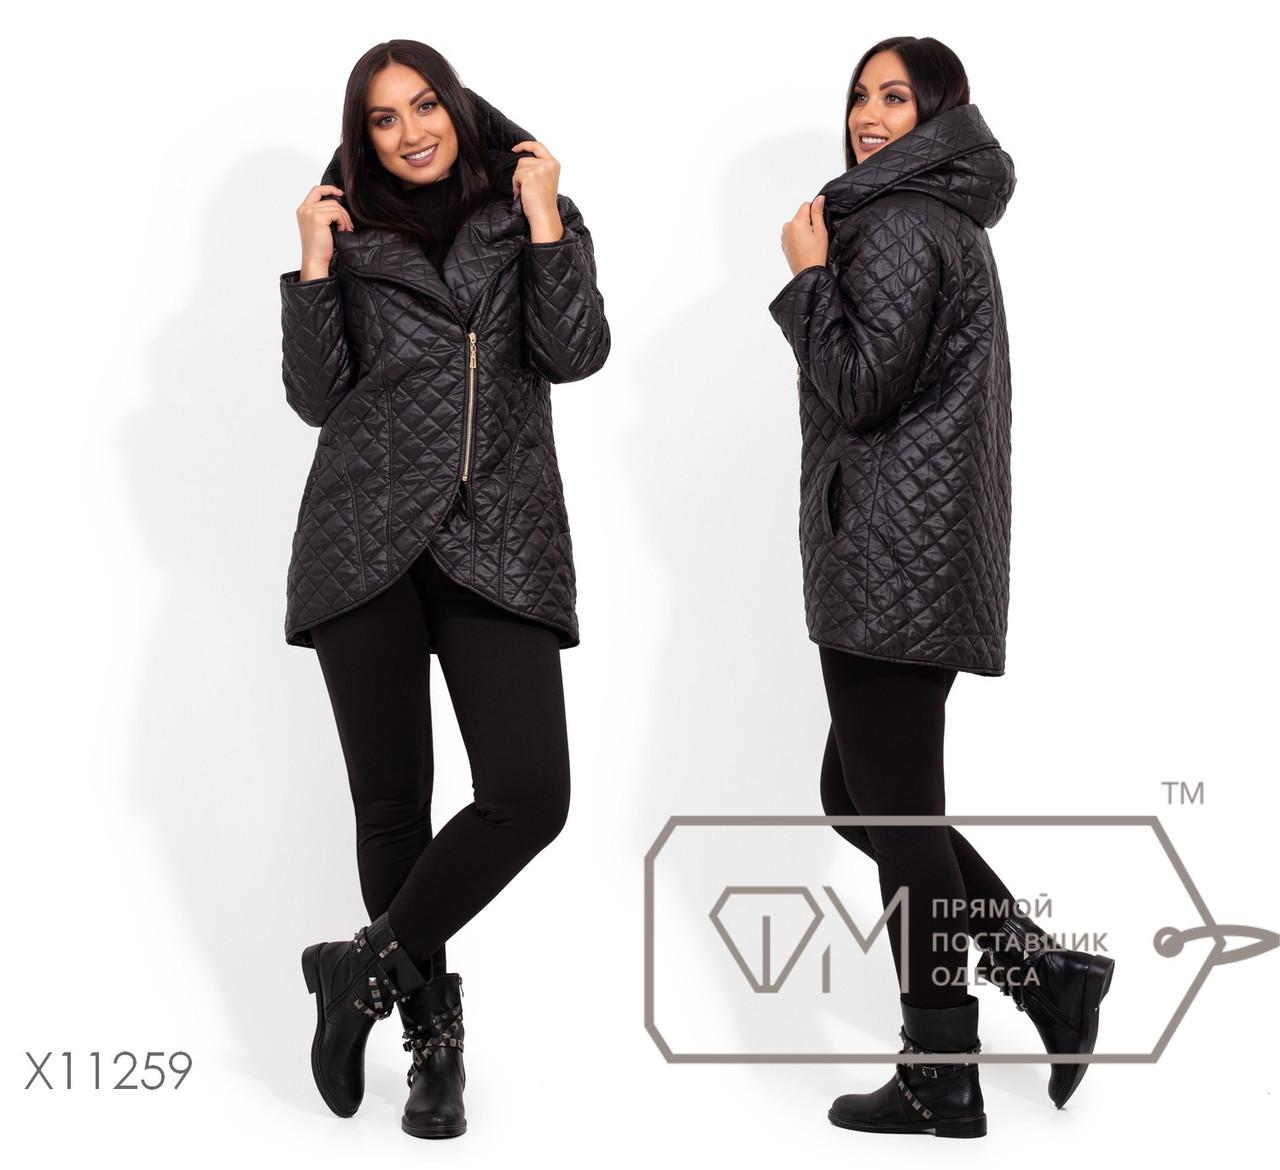 Асимметричная женская плащевая куртка стеганная демисезонна в батале vN641